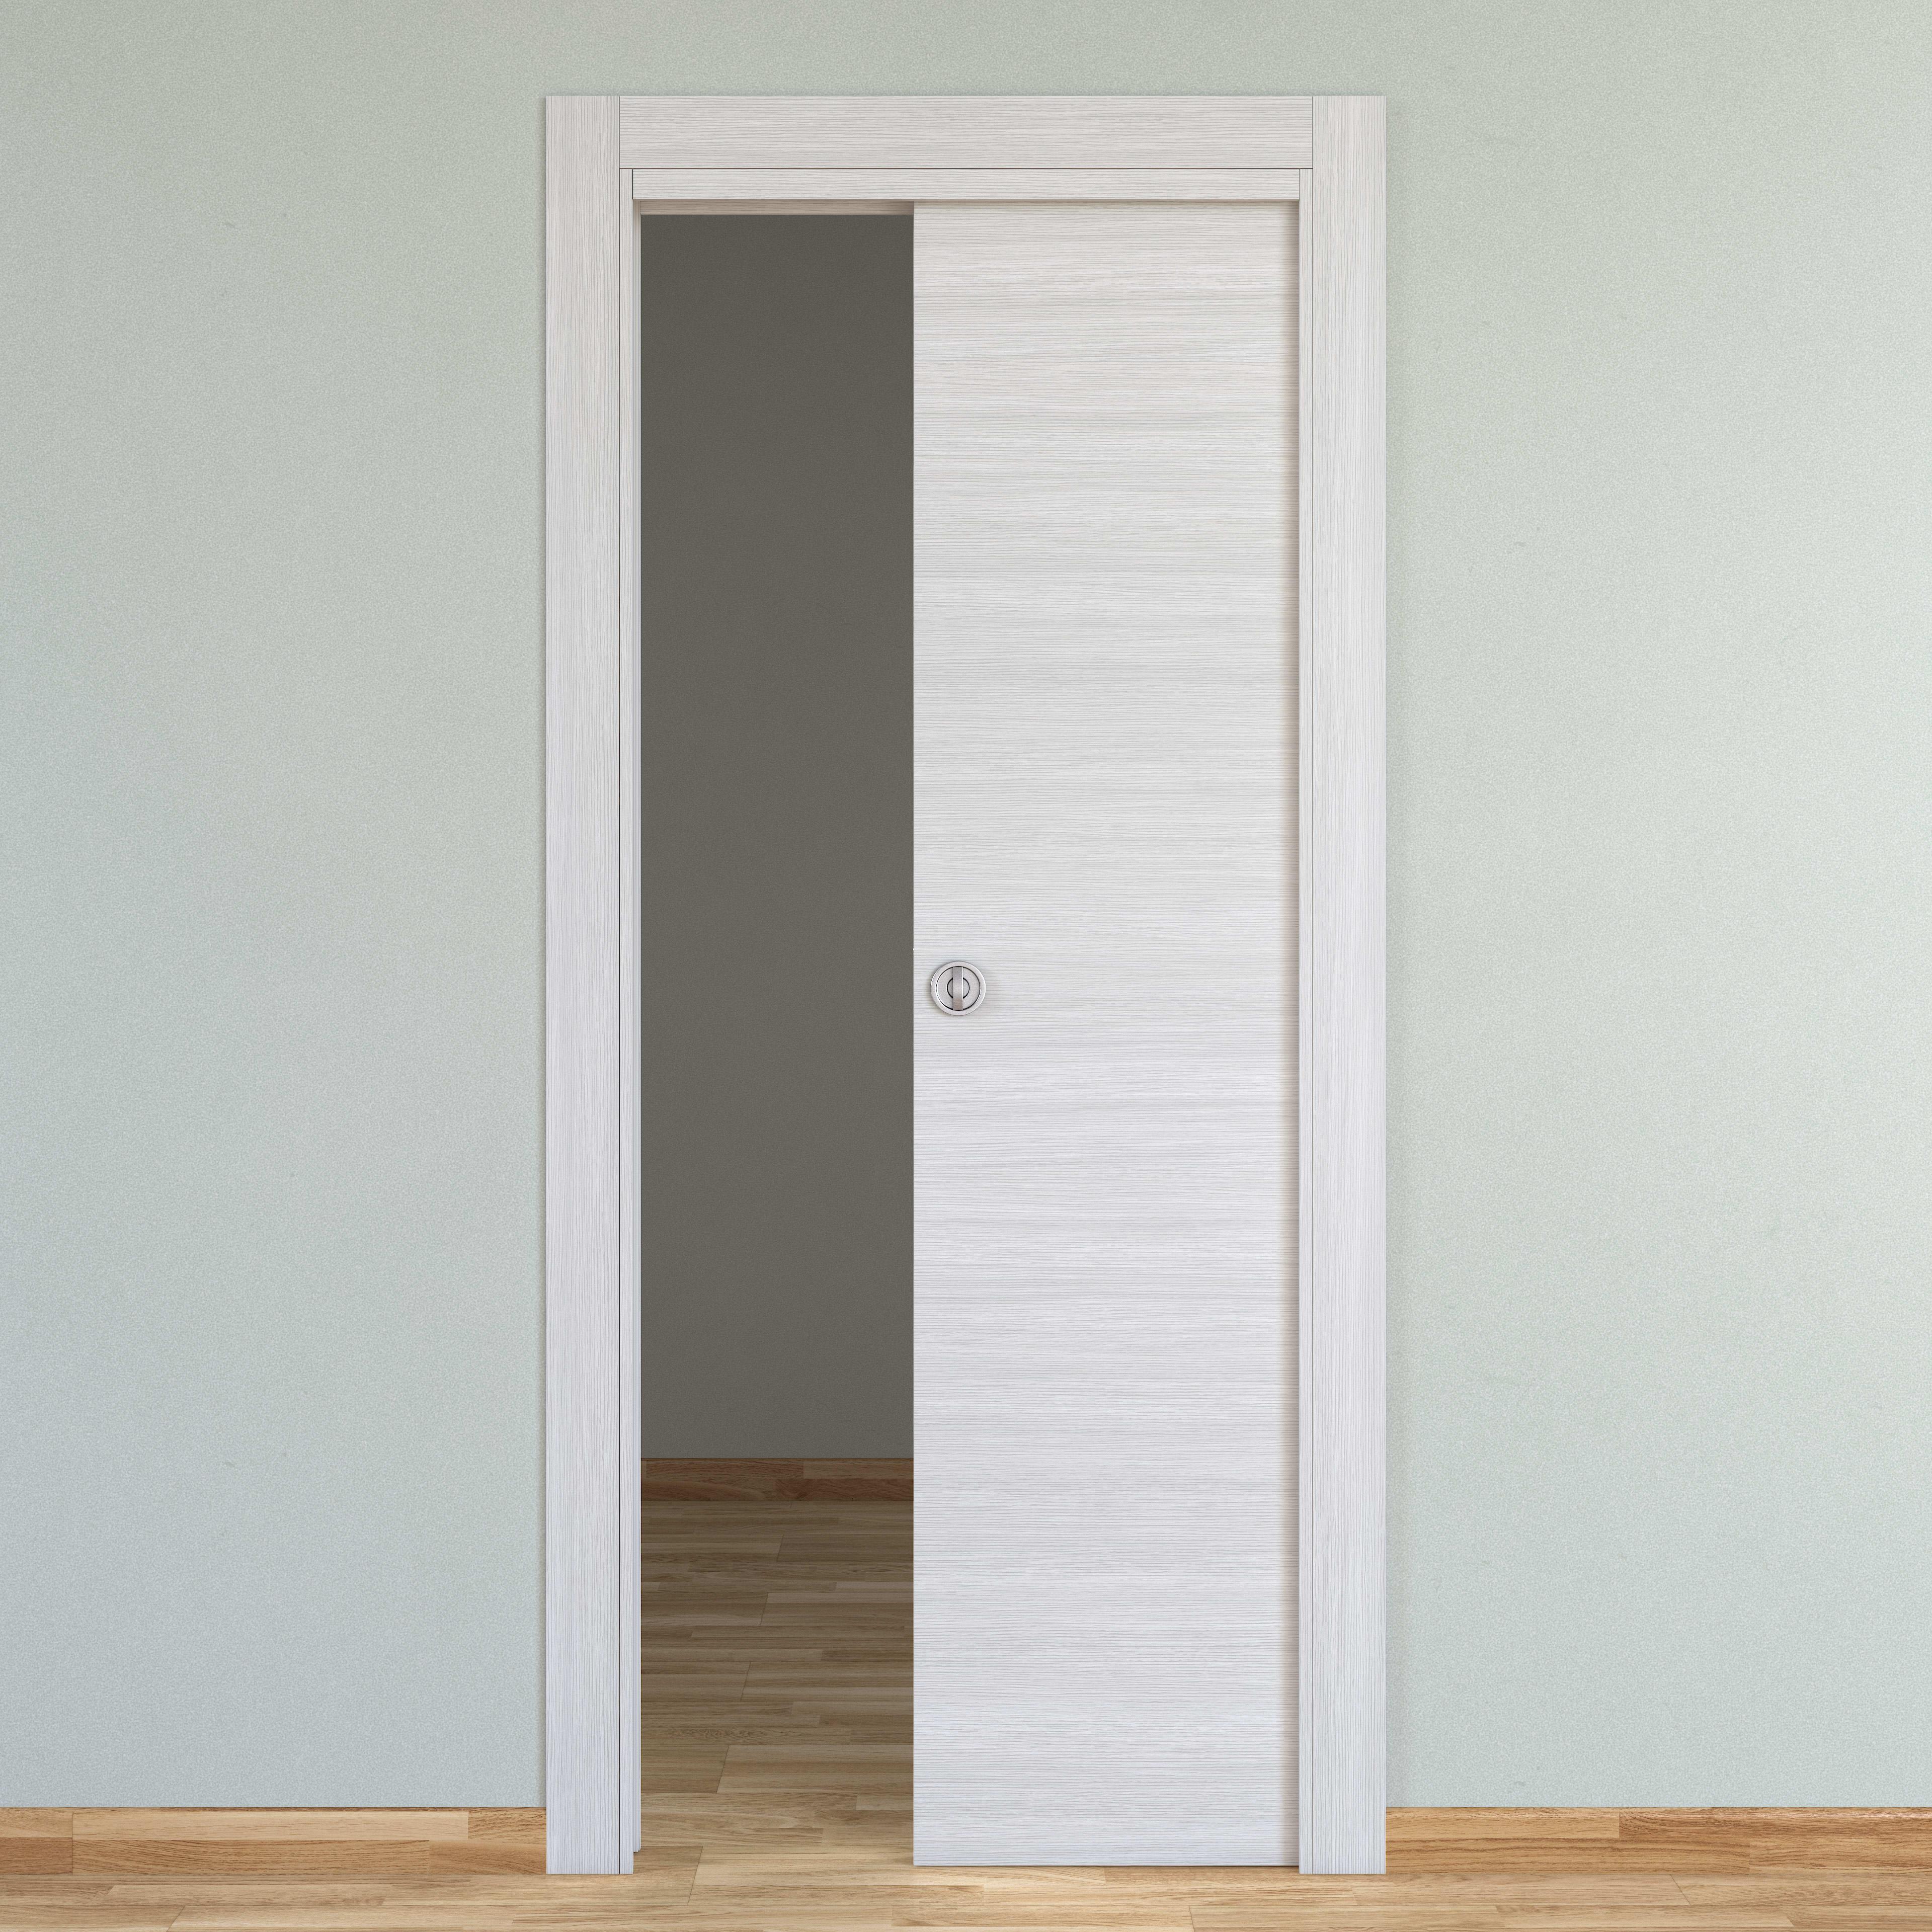 Porta Scrigno 60 Cm porta scorrevole a scomparsa pigalle palissandro bianco l 60 x h 210 cm  reversibile